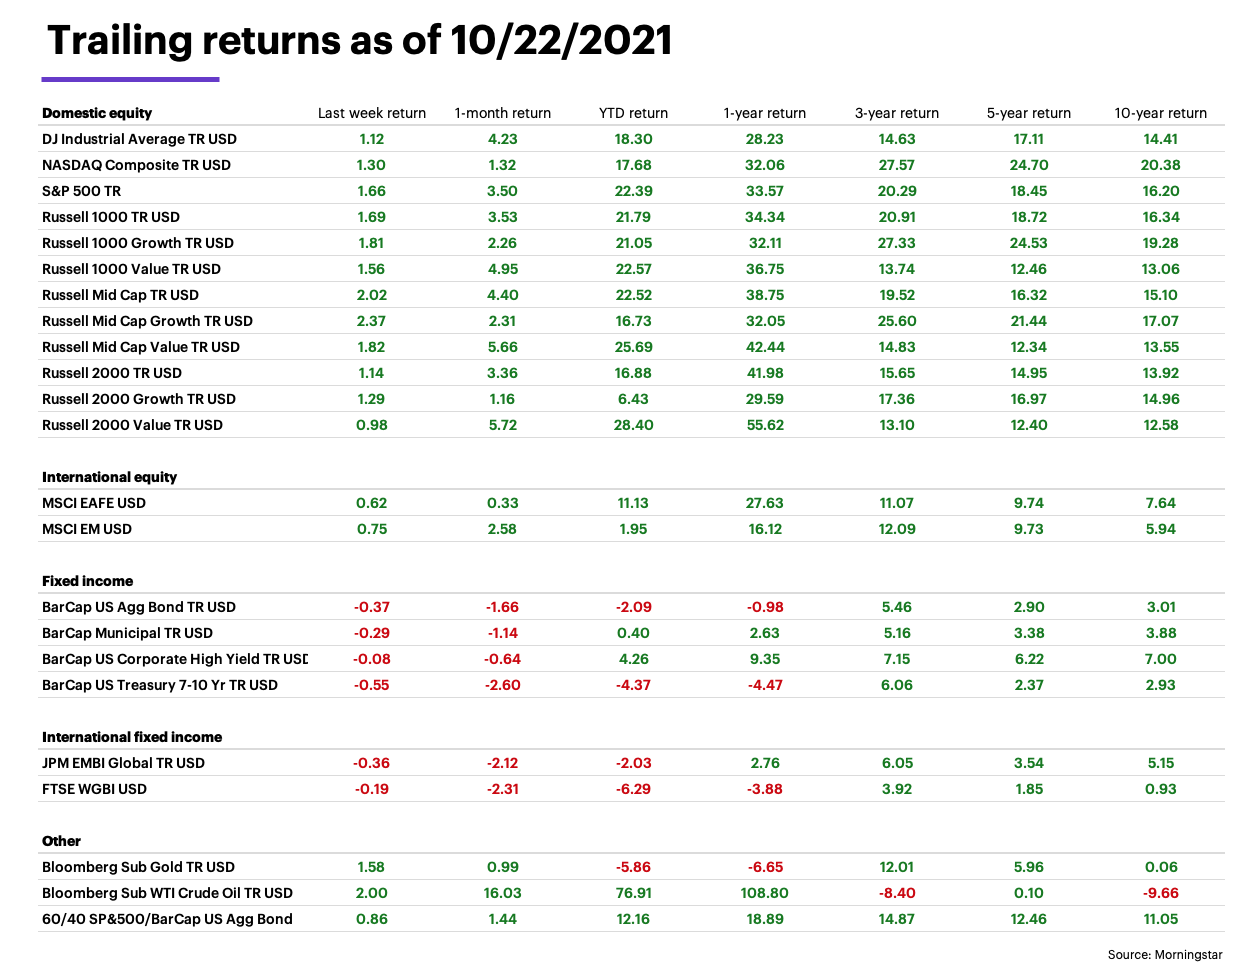 Trailing index returns